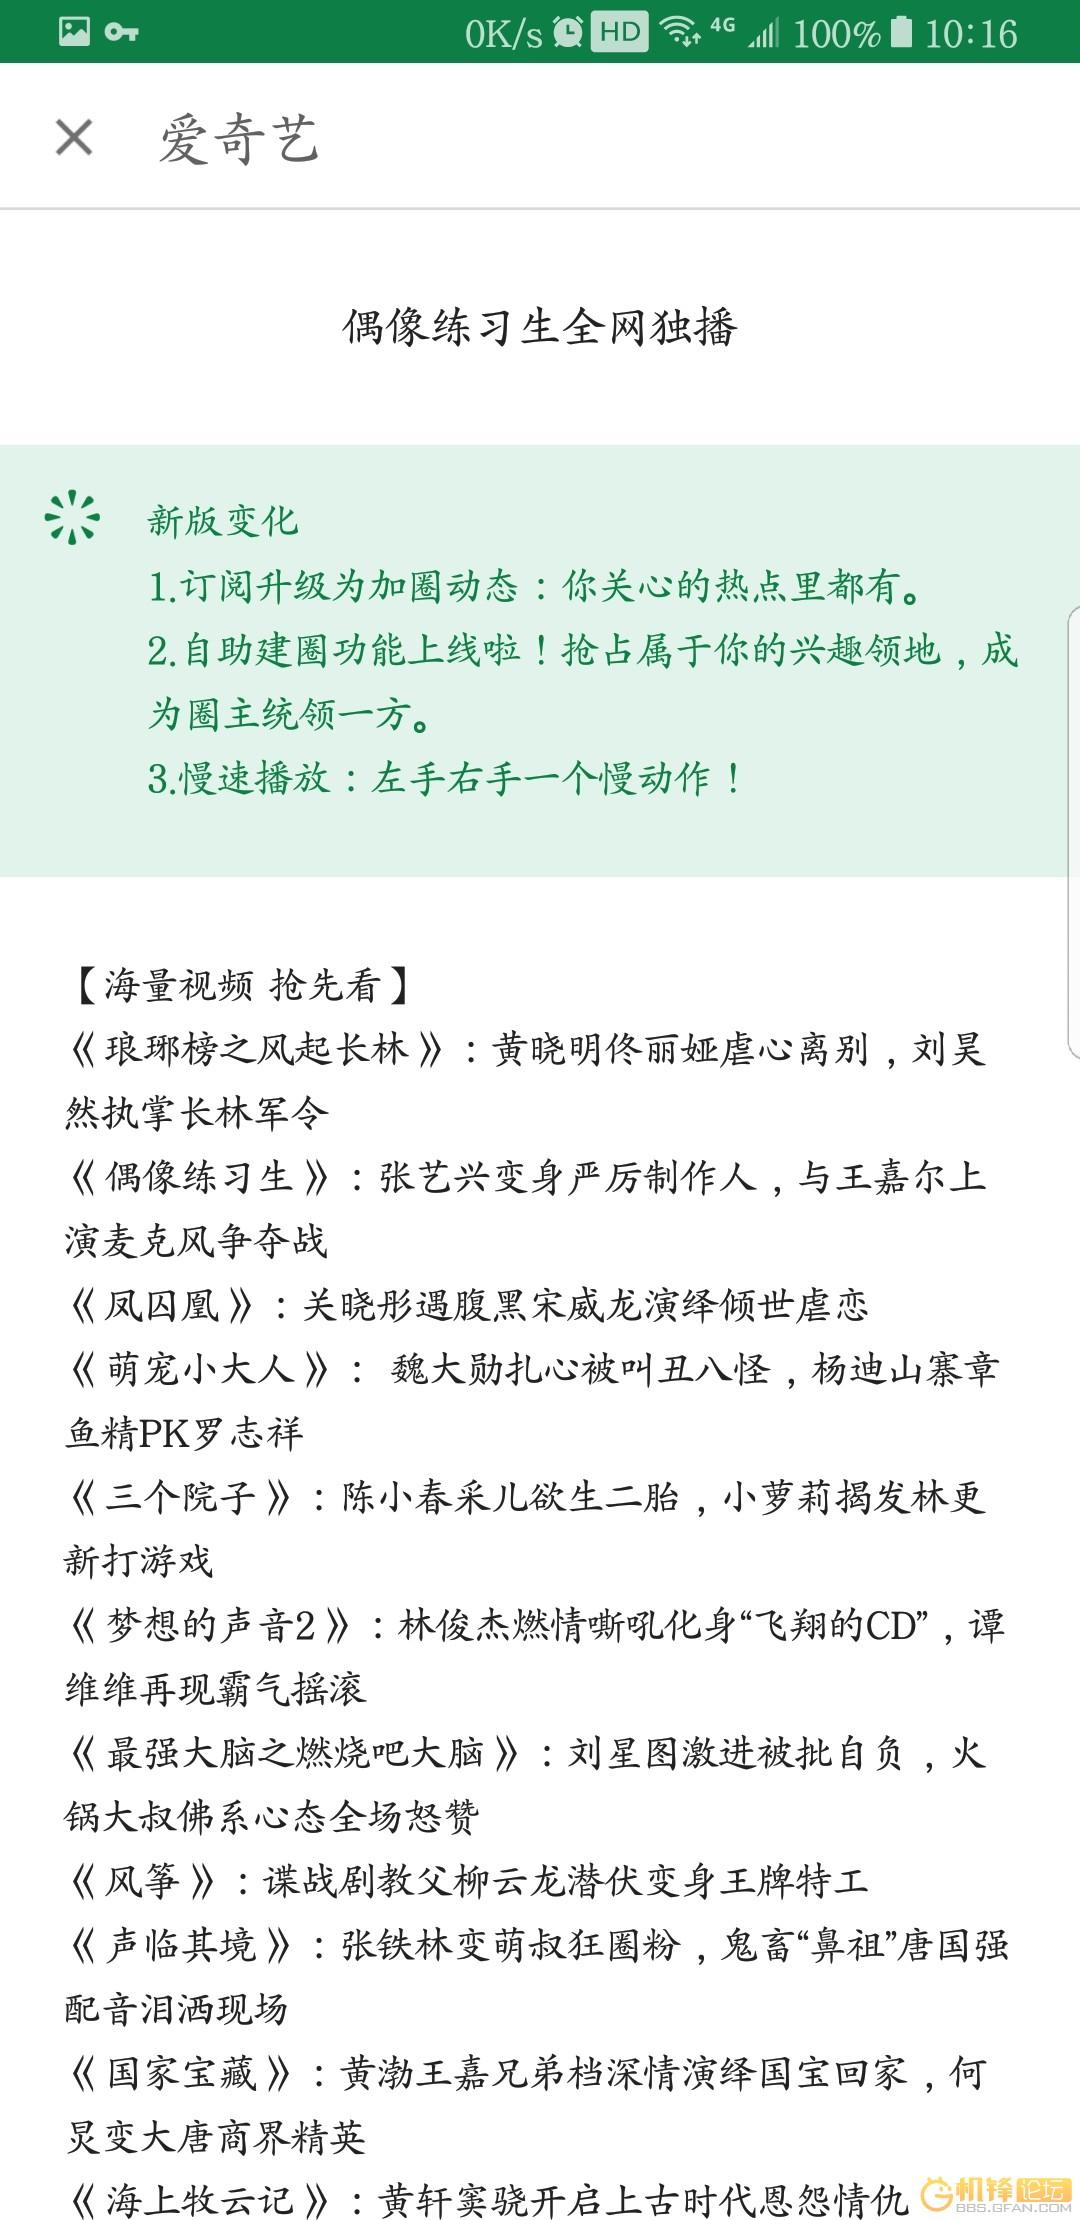 Screenshot_20180211-101642.jpg